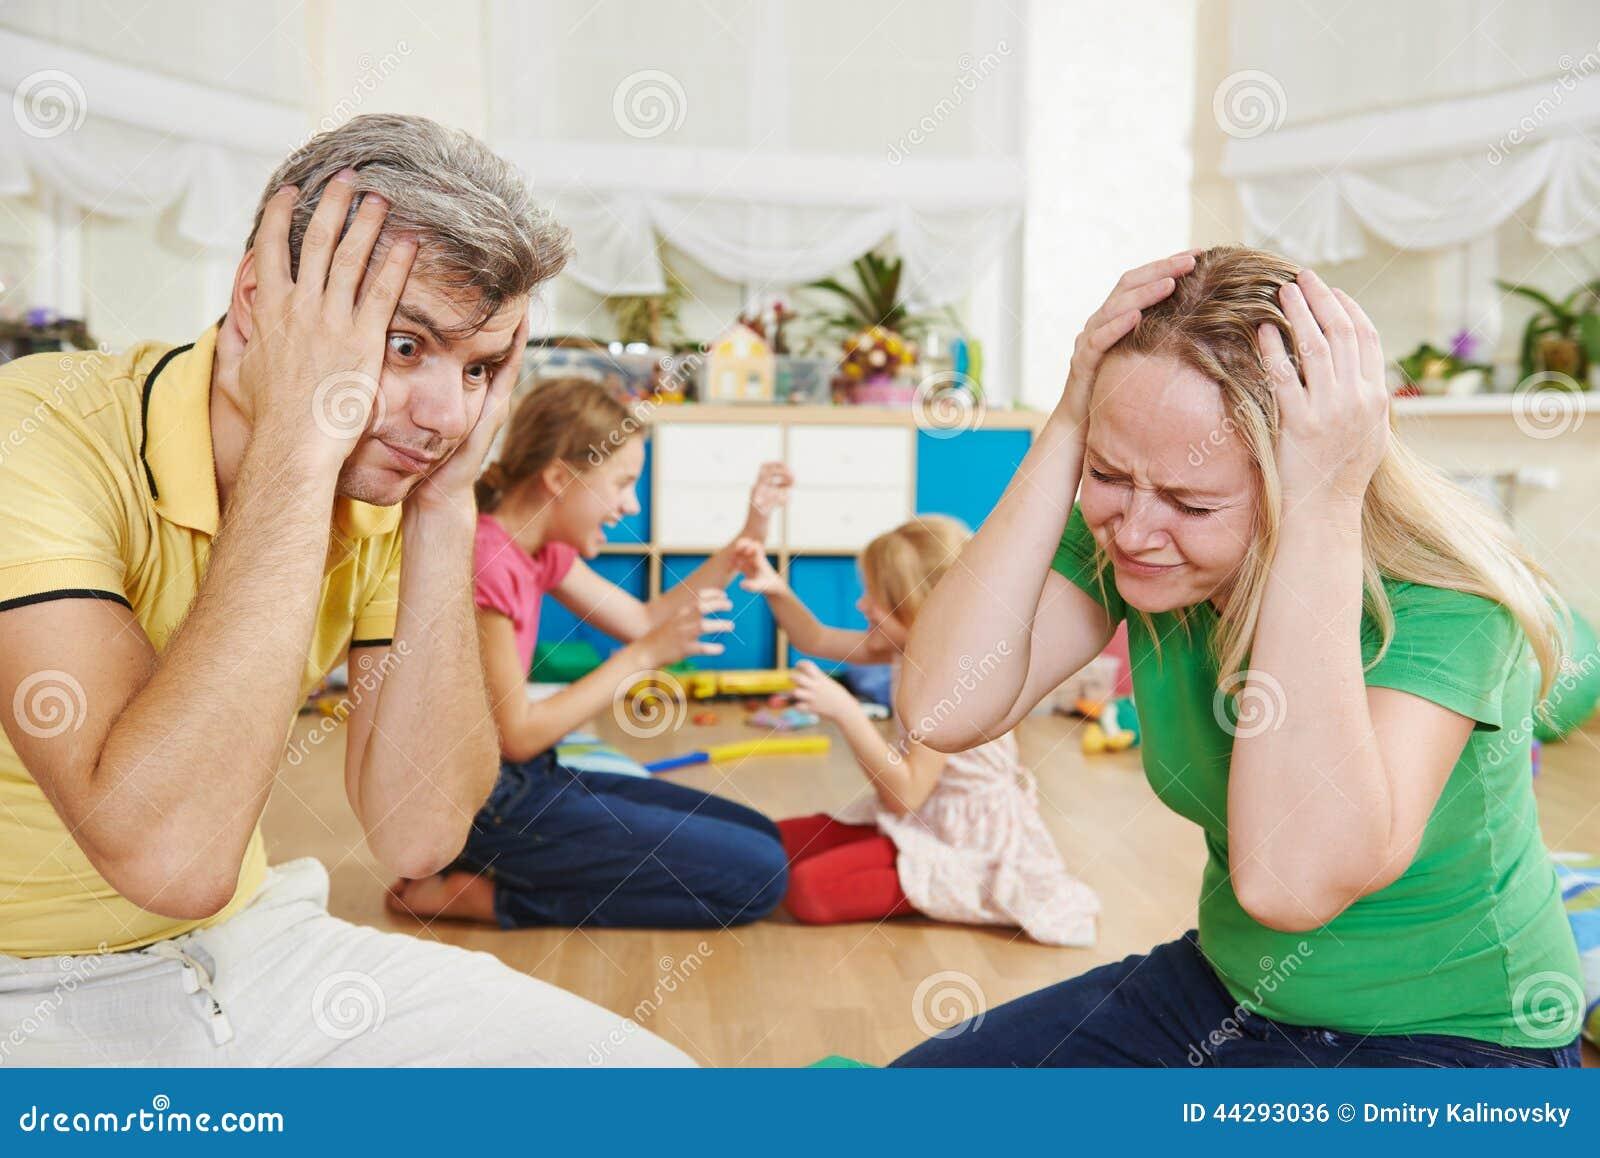 Risultati immagini per foto di bambini in confusione